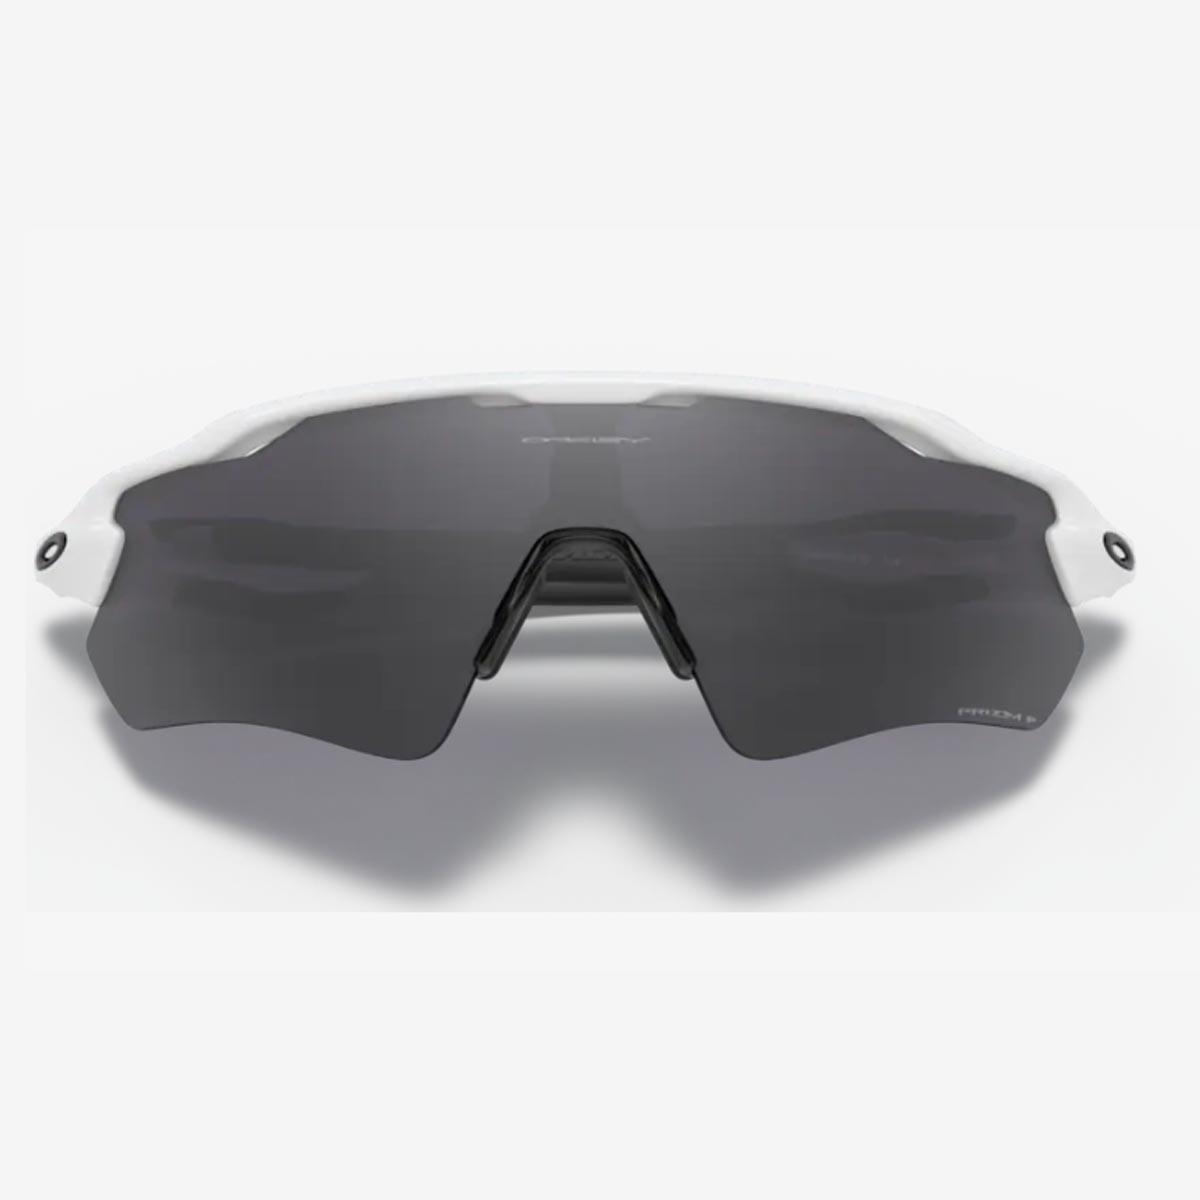 Oculos Para Ciclismo Oakley Radar Ev Path Branco e Preto Com Lente Prizm Black Escura Polarizada